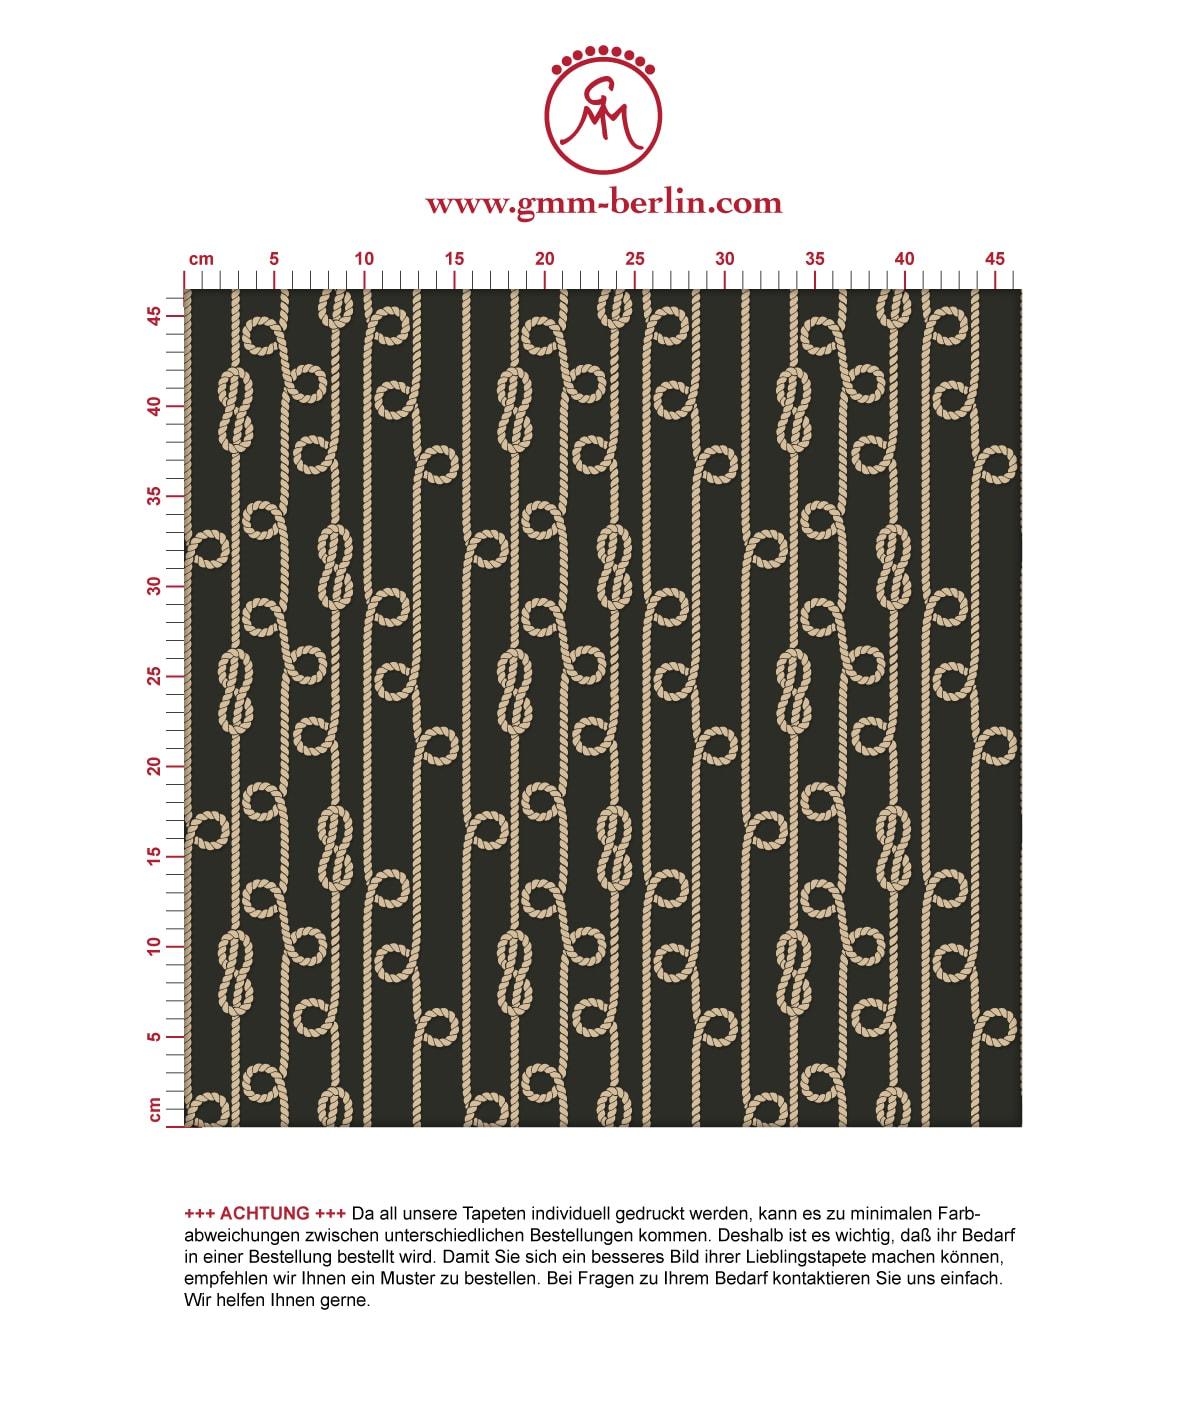 """Elegante Segler Tapete """"Segelknoten"""", maritime, grafische, schwarze Vliestapete für Flur, Büro. Aus dem GMM-BERLIN.com Sortiment: Schöne Tapeten in der Farbe: schwarz"""